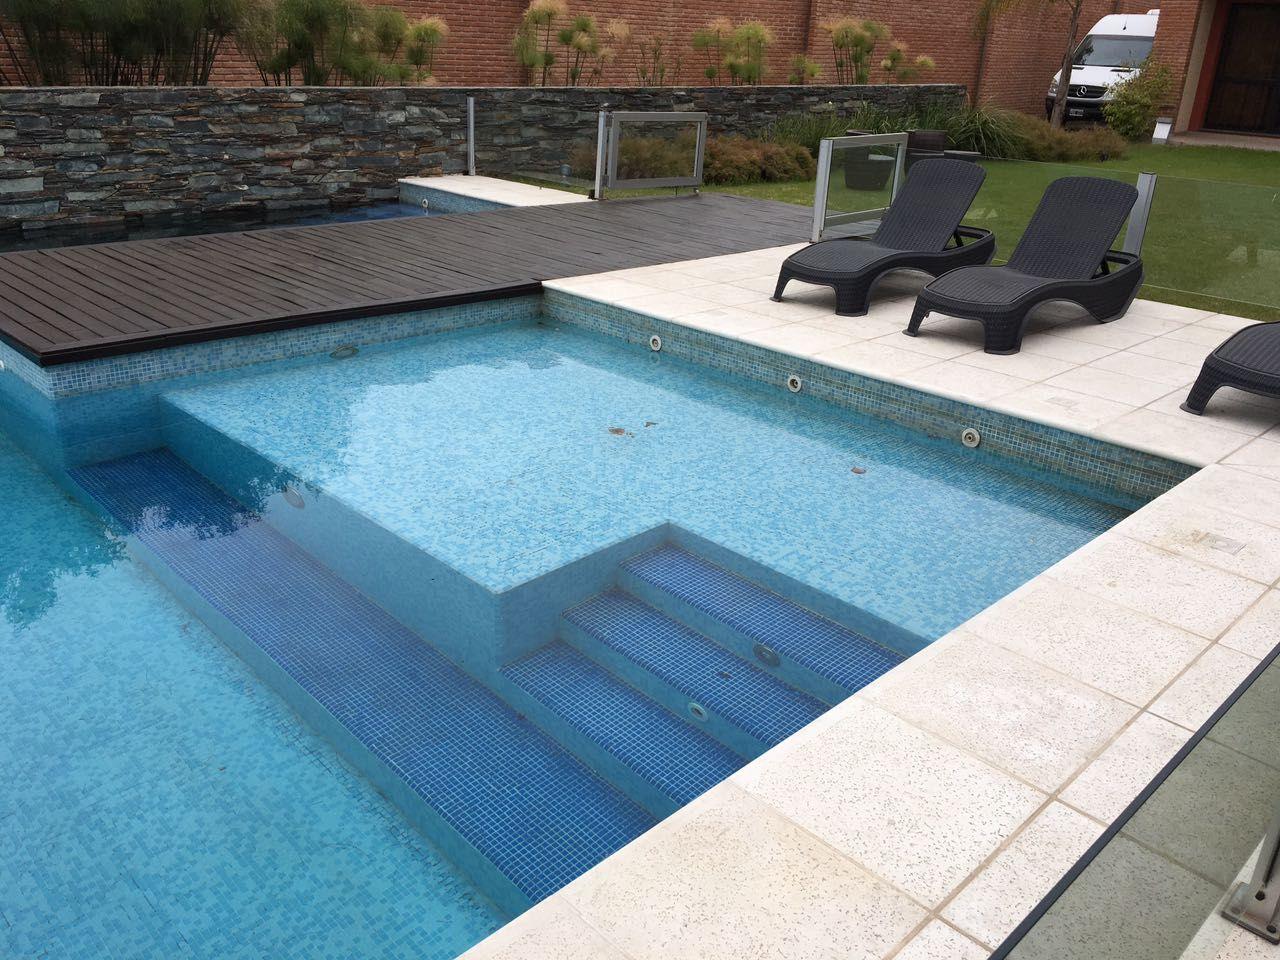 Hotel neper piscina wellness solarium - Diseno de piscinas ...